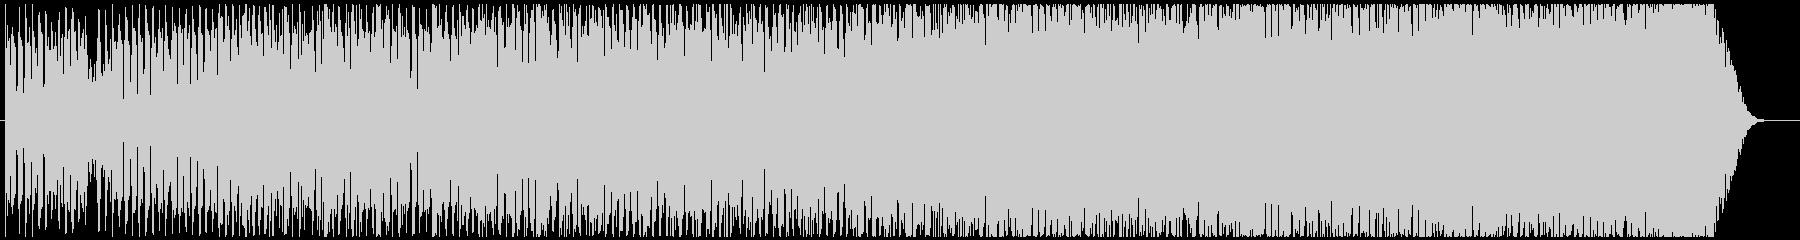 現代的 交響曲 テクノ ハードコア...の未再生の波形